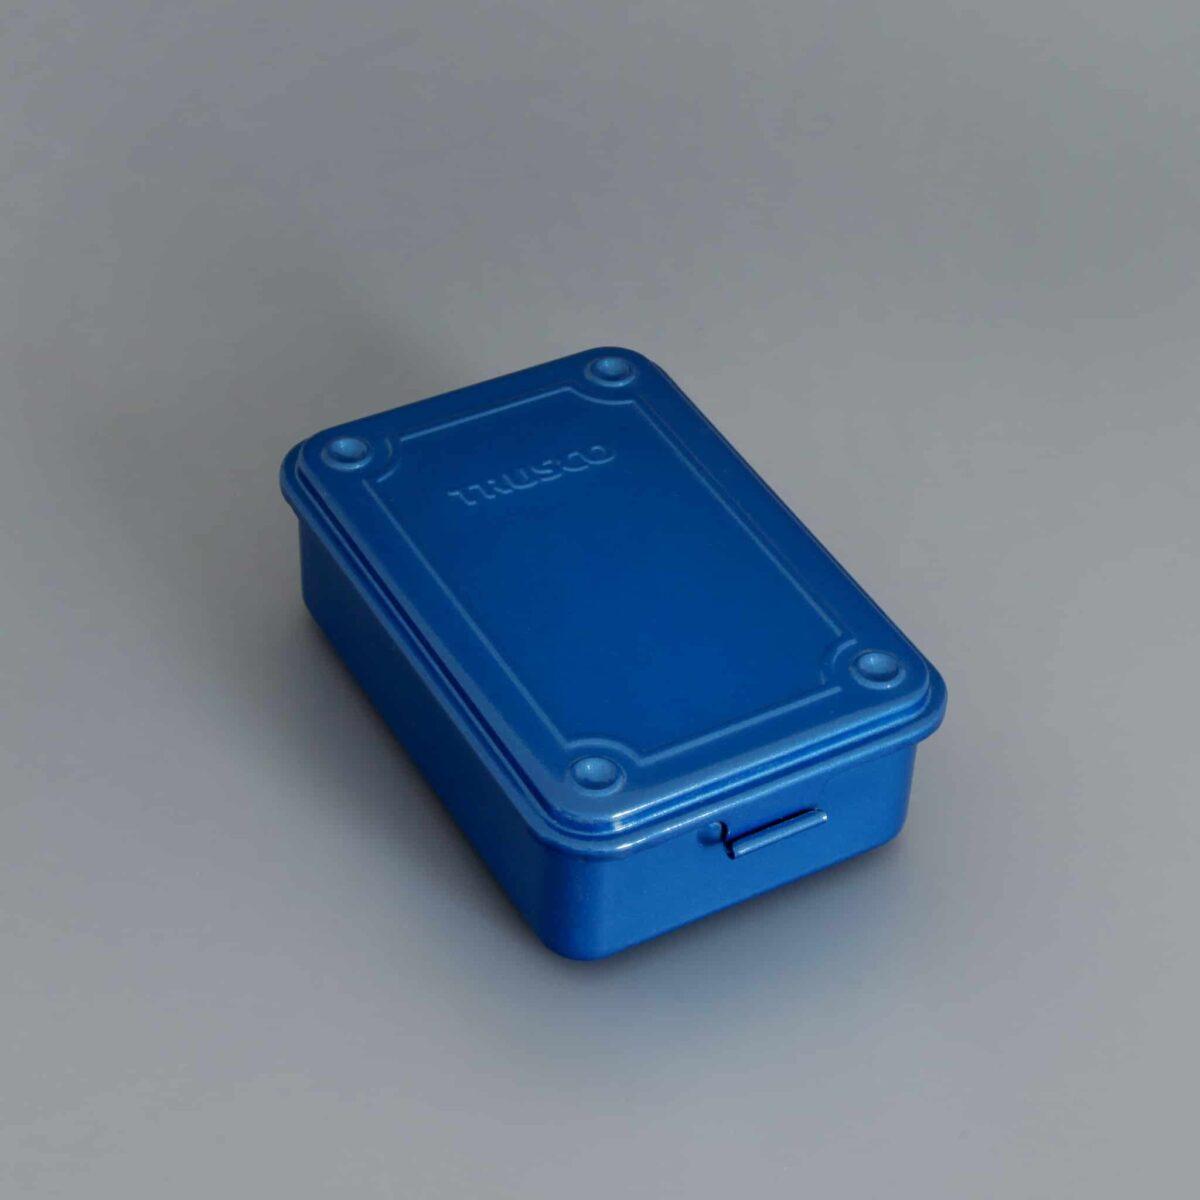 Trusco T-150 blue